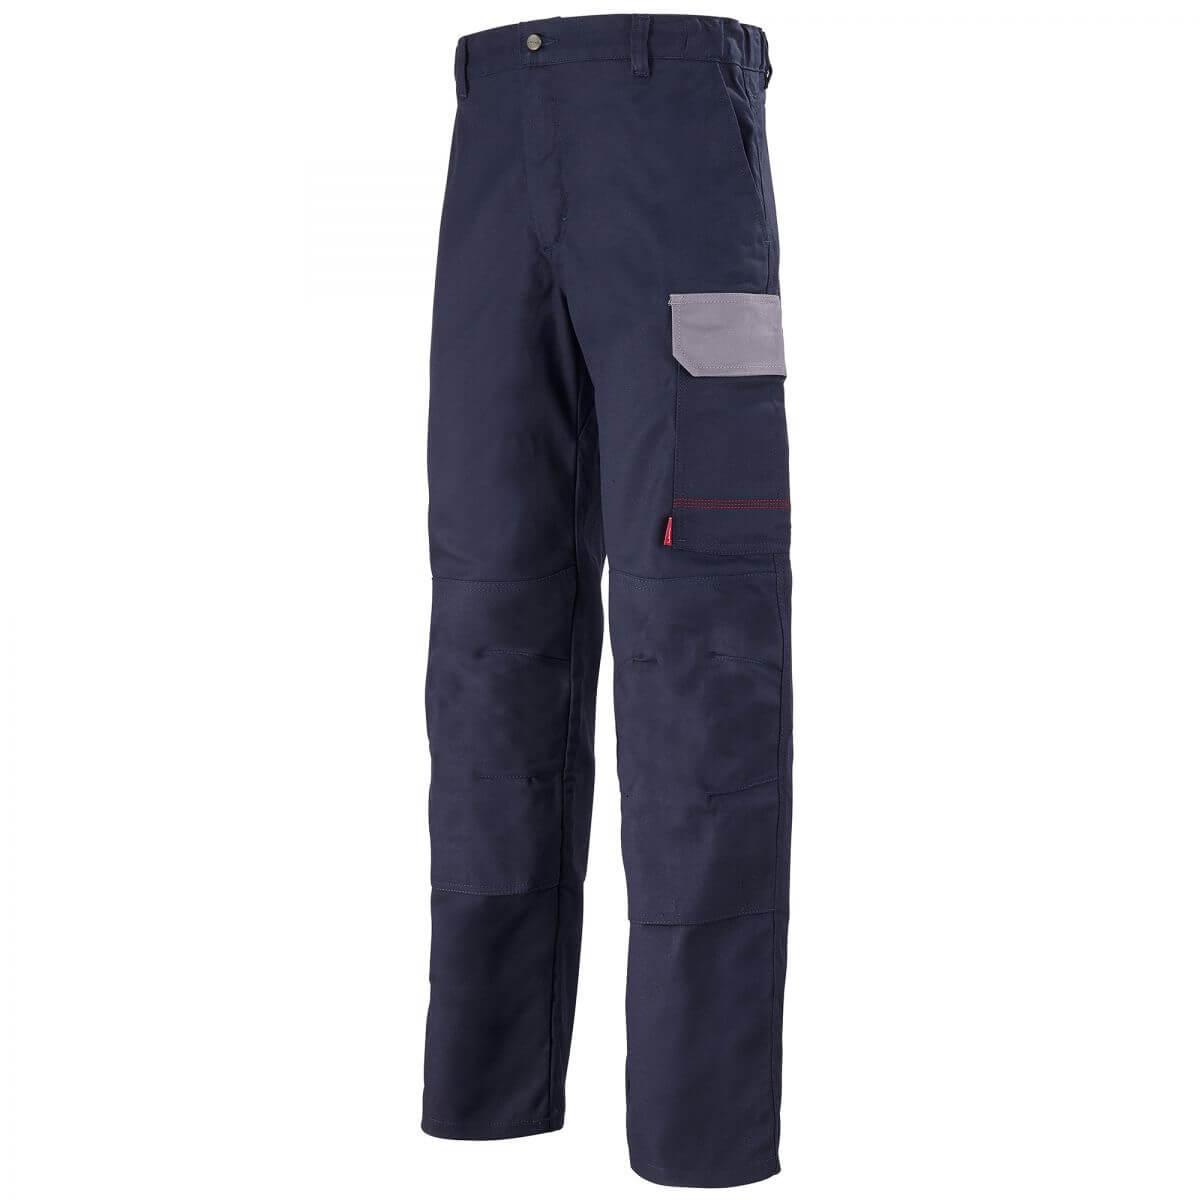 pantalon de travail bleu marine et gris acier muffler pantalons de travail. Black Bedroom Furniture Sets. Home Design Ideas